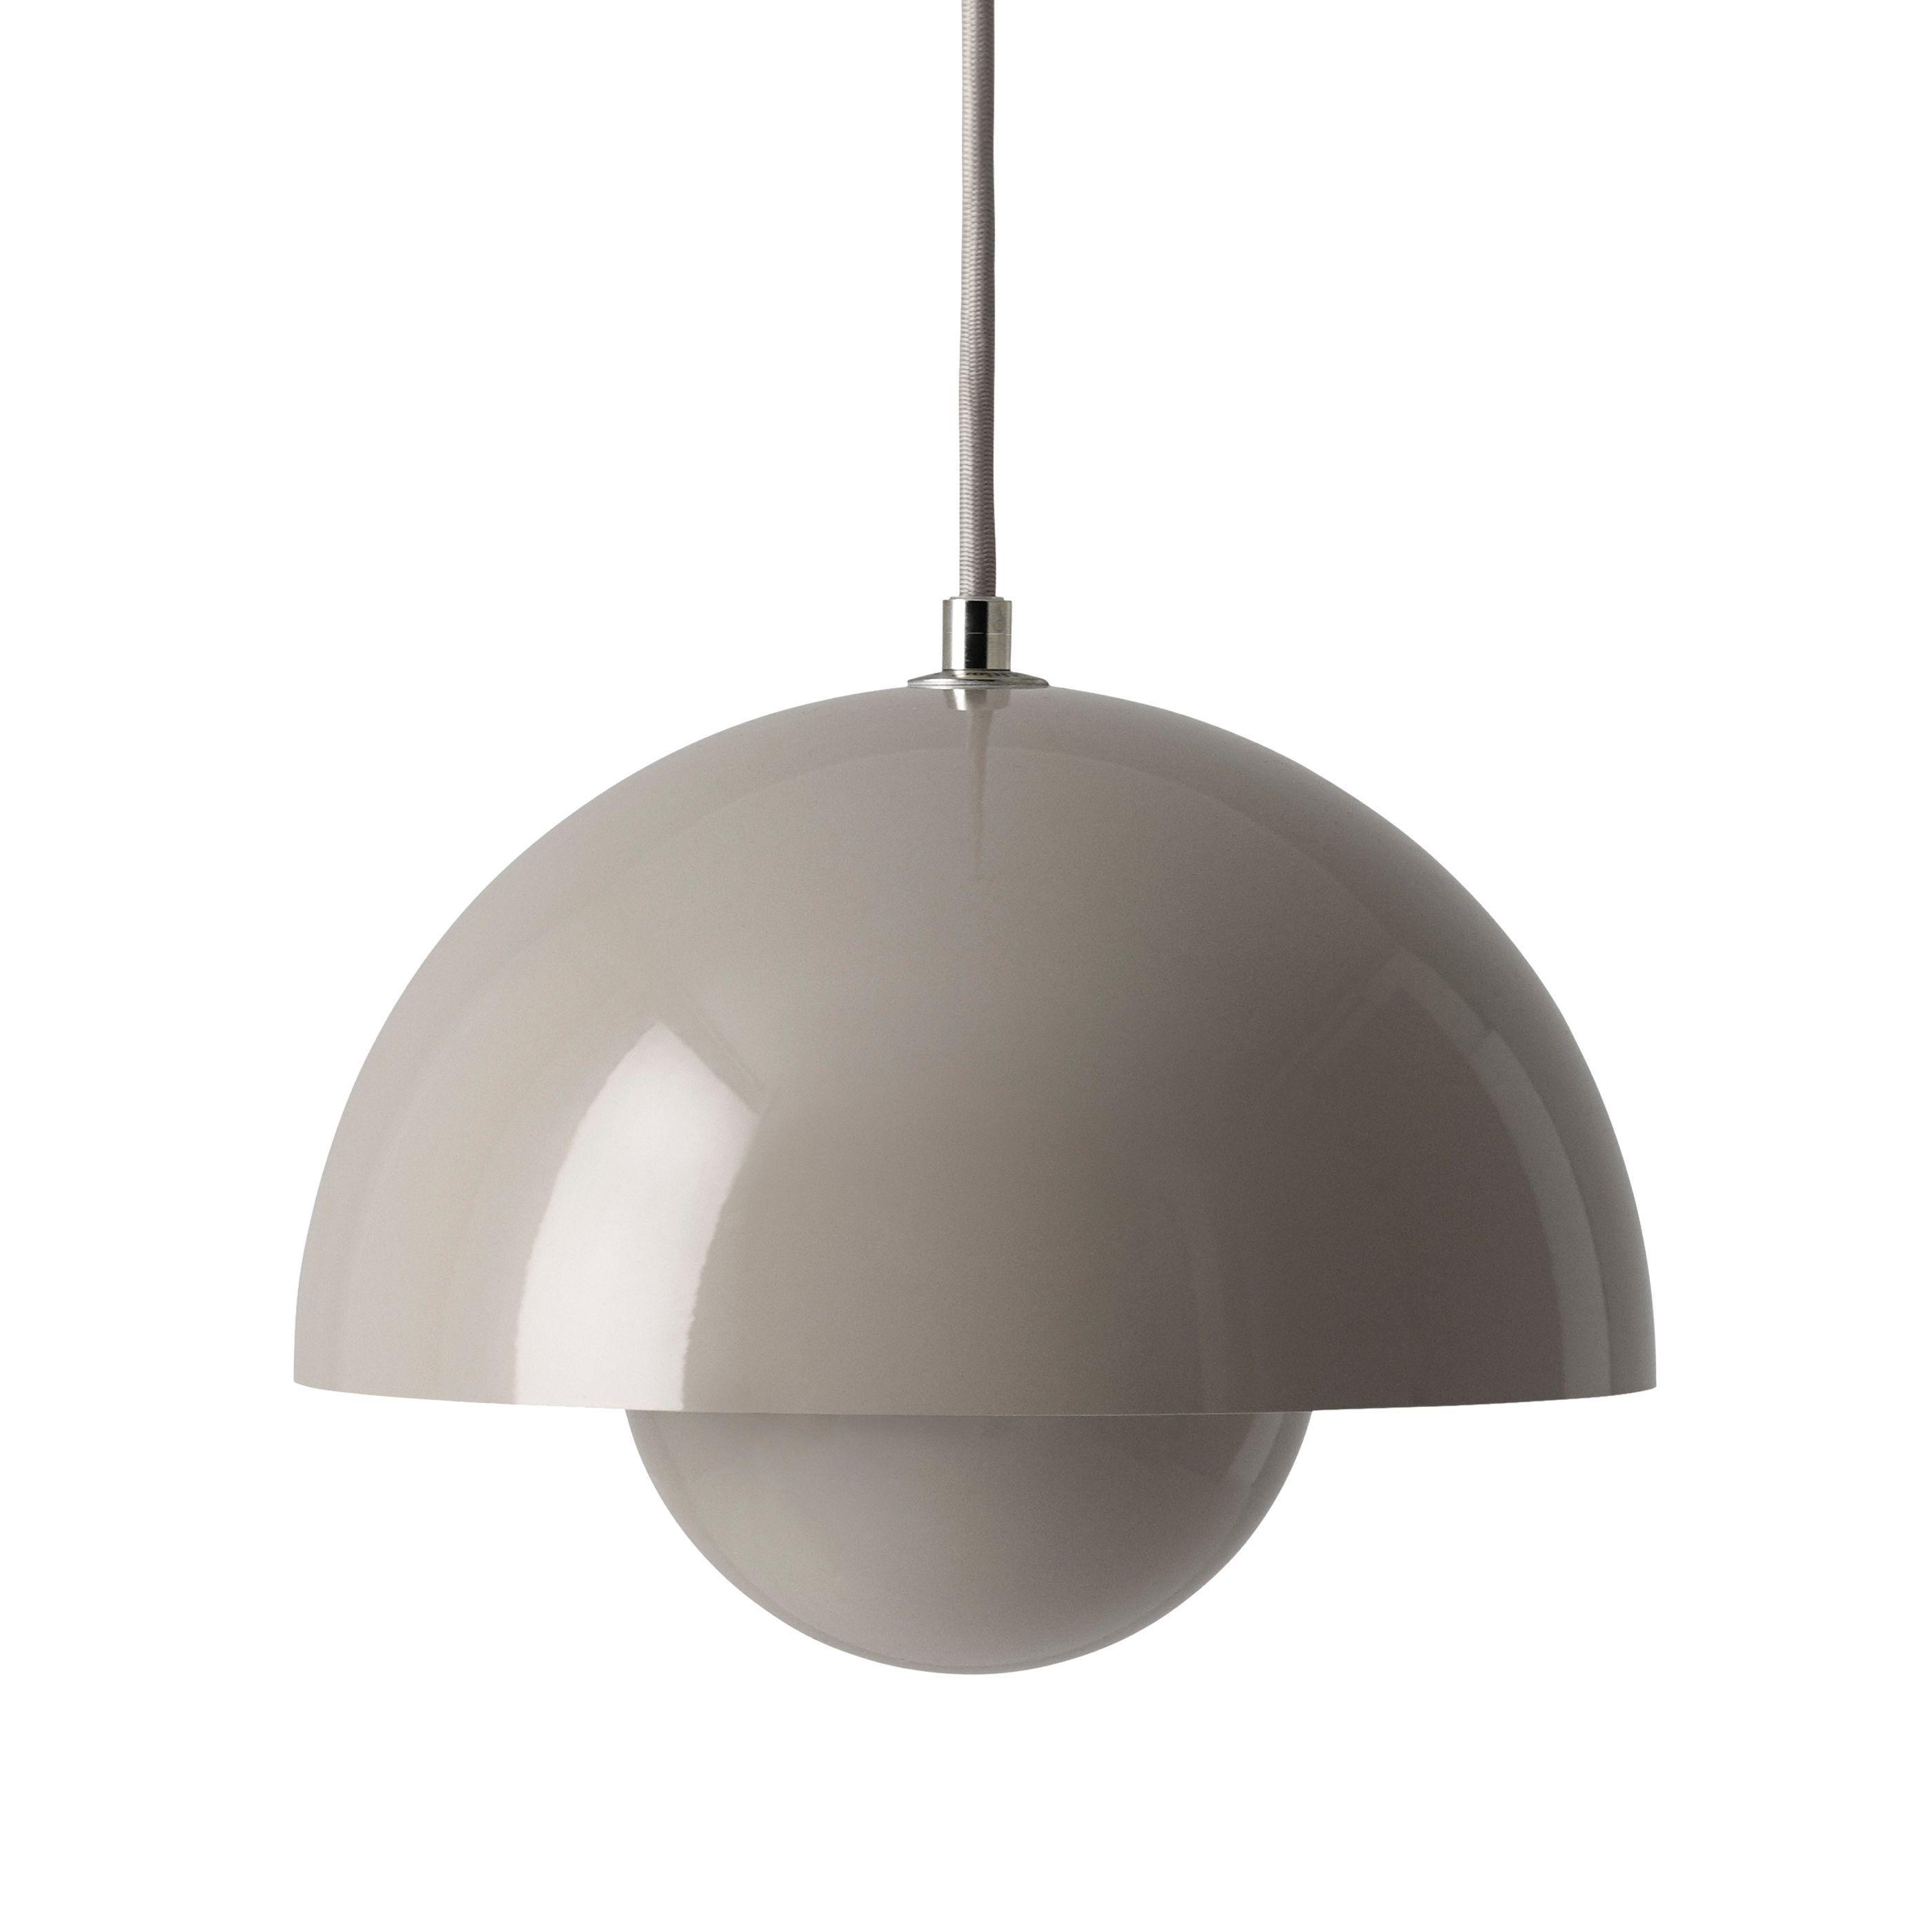 tradition FlowerPot hanglamp grijs beige